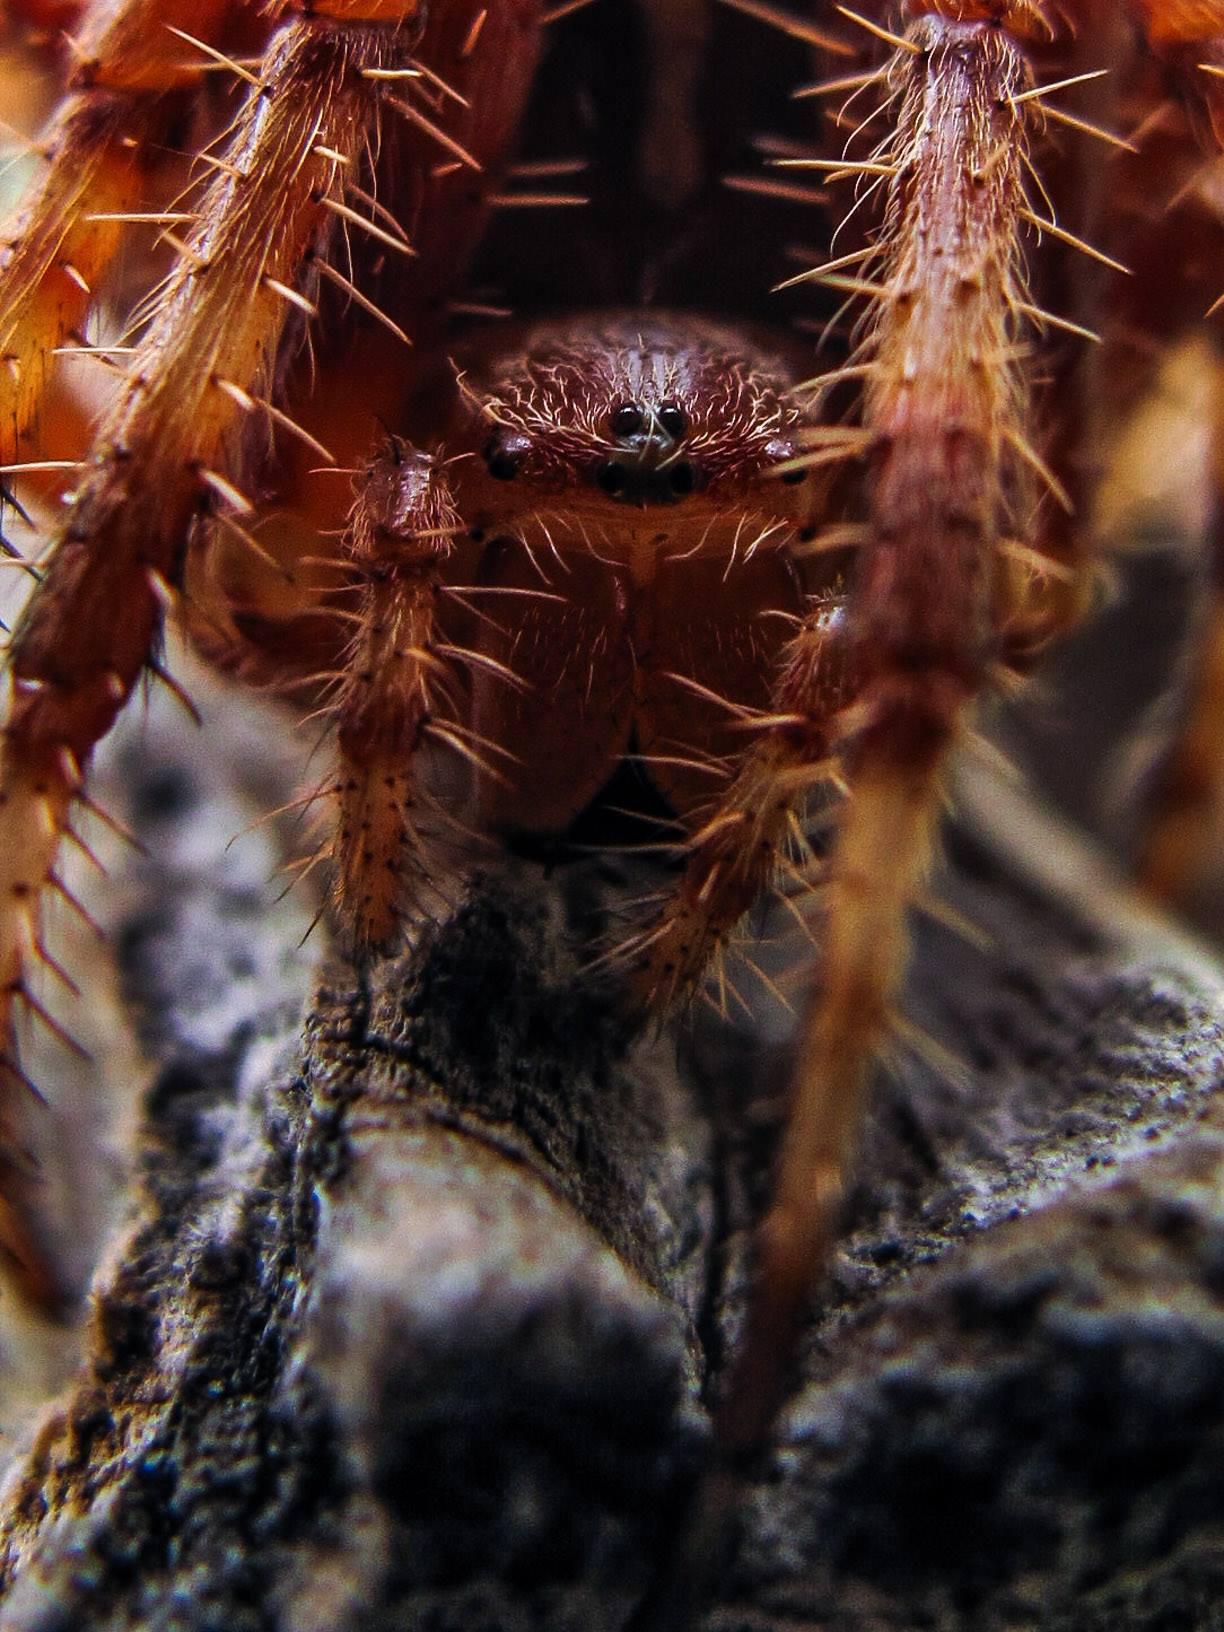 pauk-križar-macro-close-up